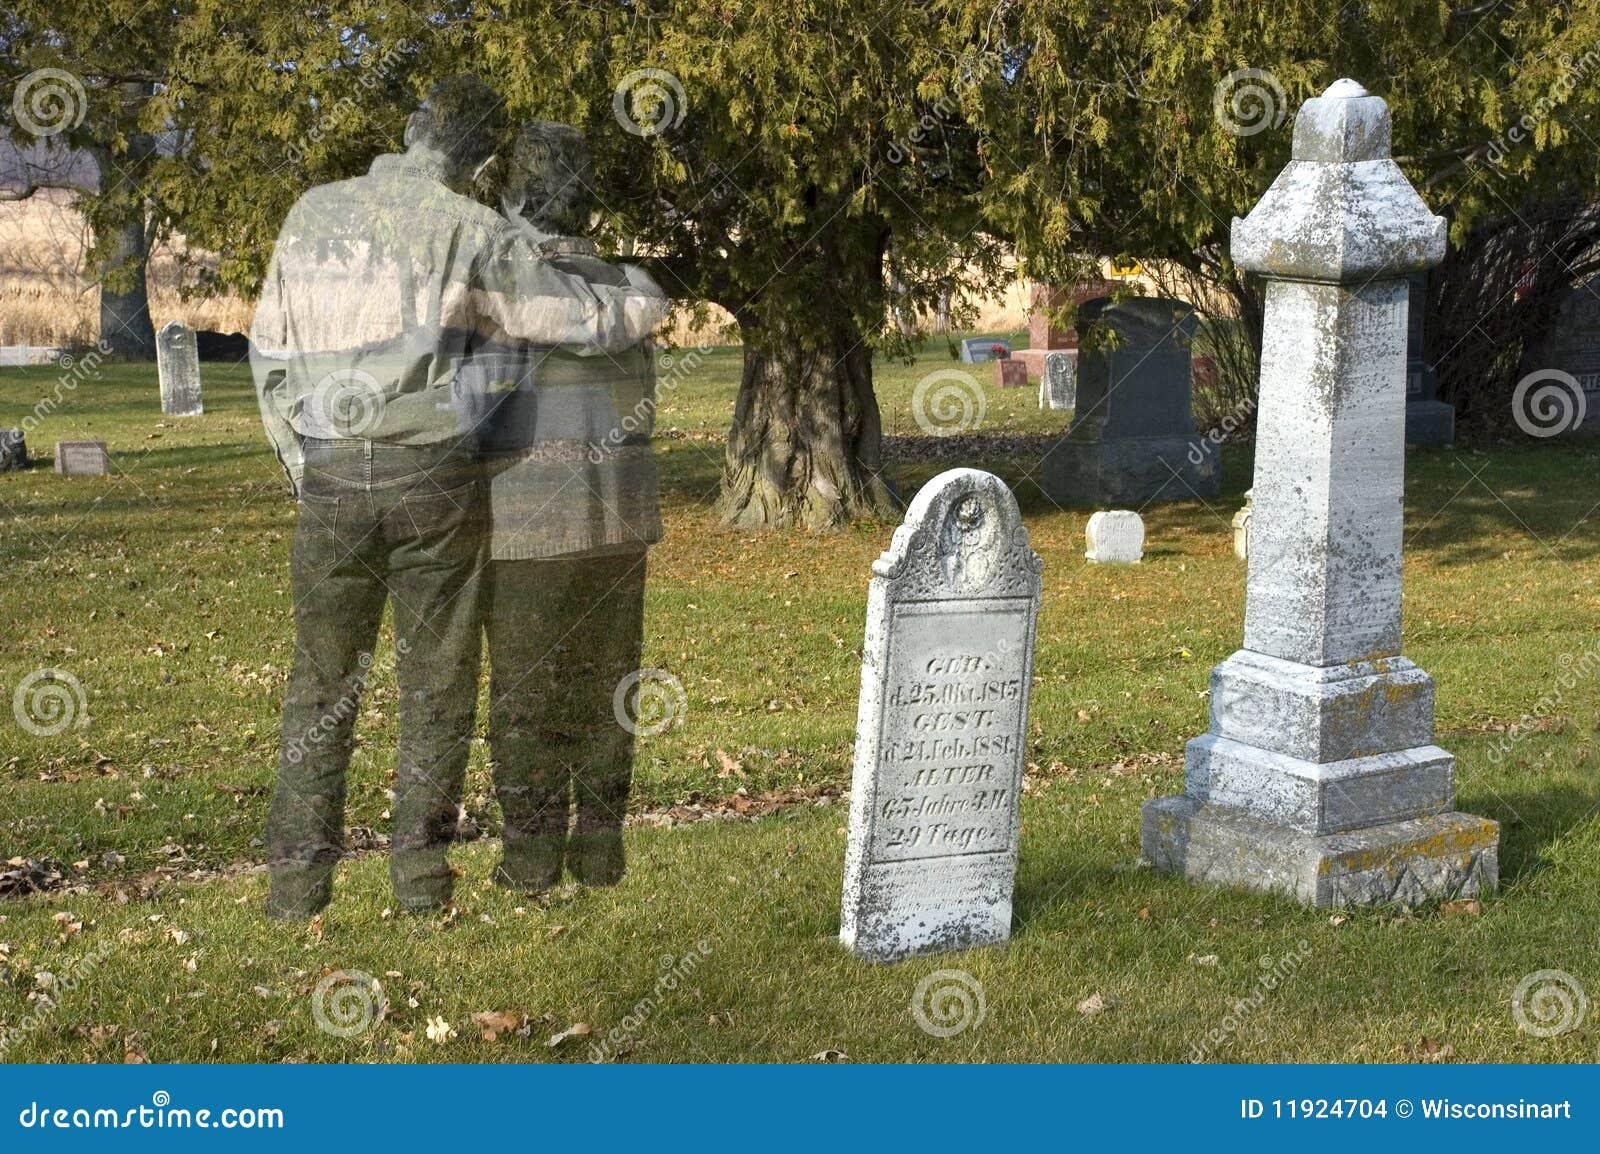 Vida, amor después de la muerte, ediciones con pena